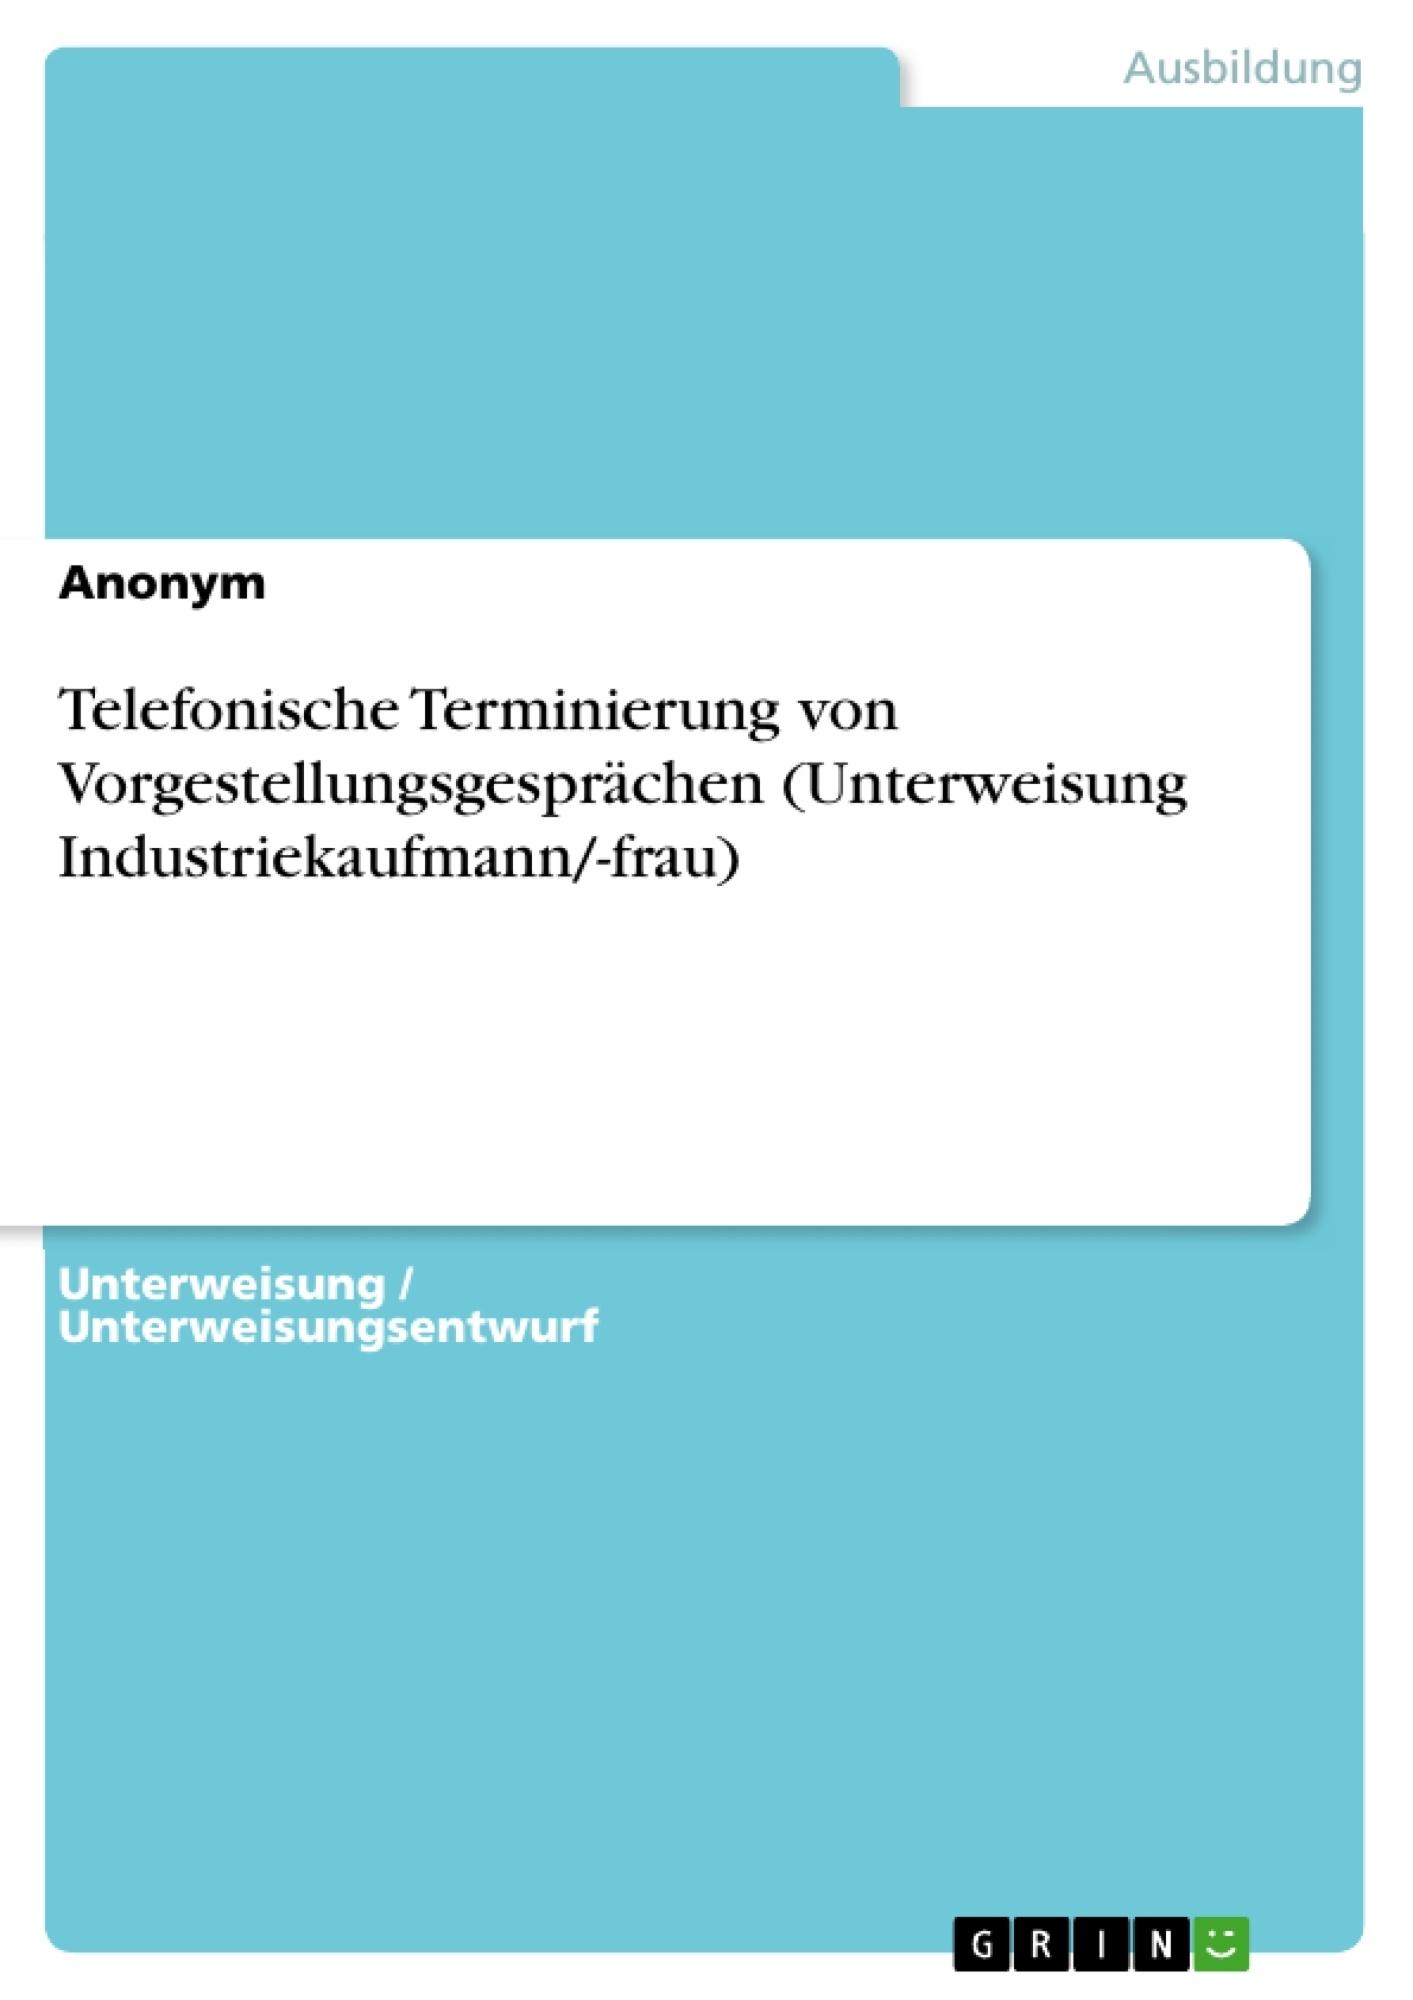 Titel: Telefonische Terminierung von Vorgestellungsgesprächen (Unterweisung Industriekaufmann/-frau)